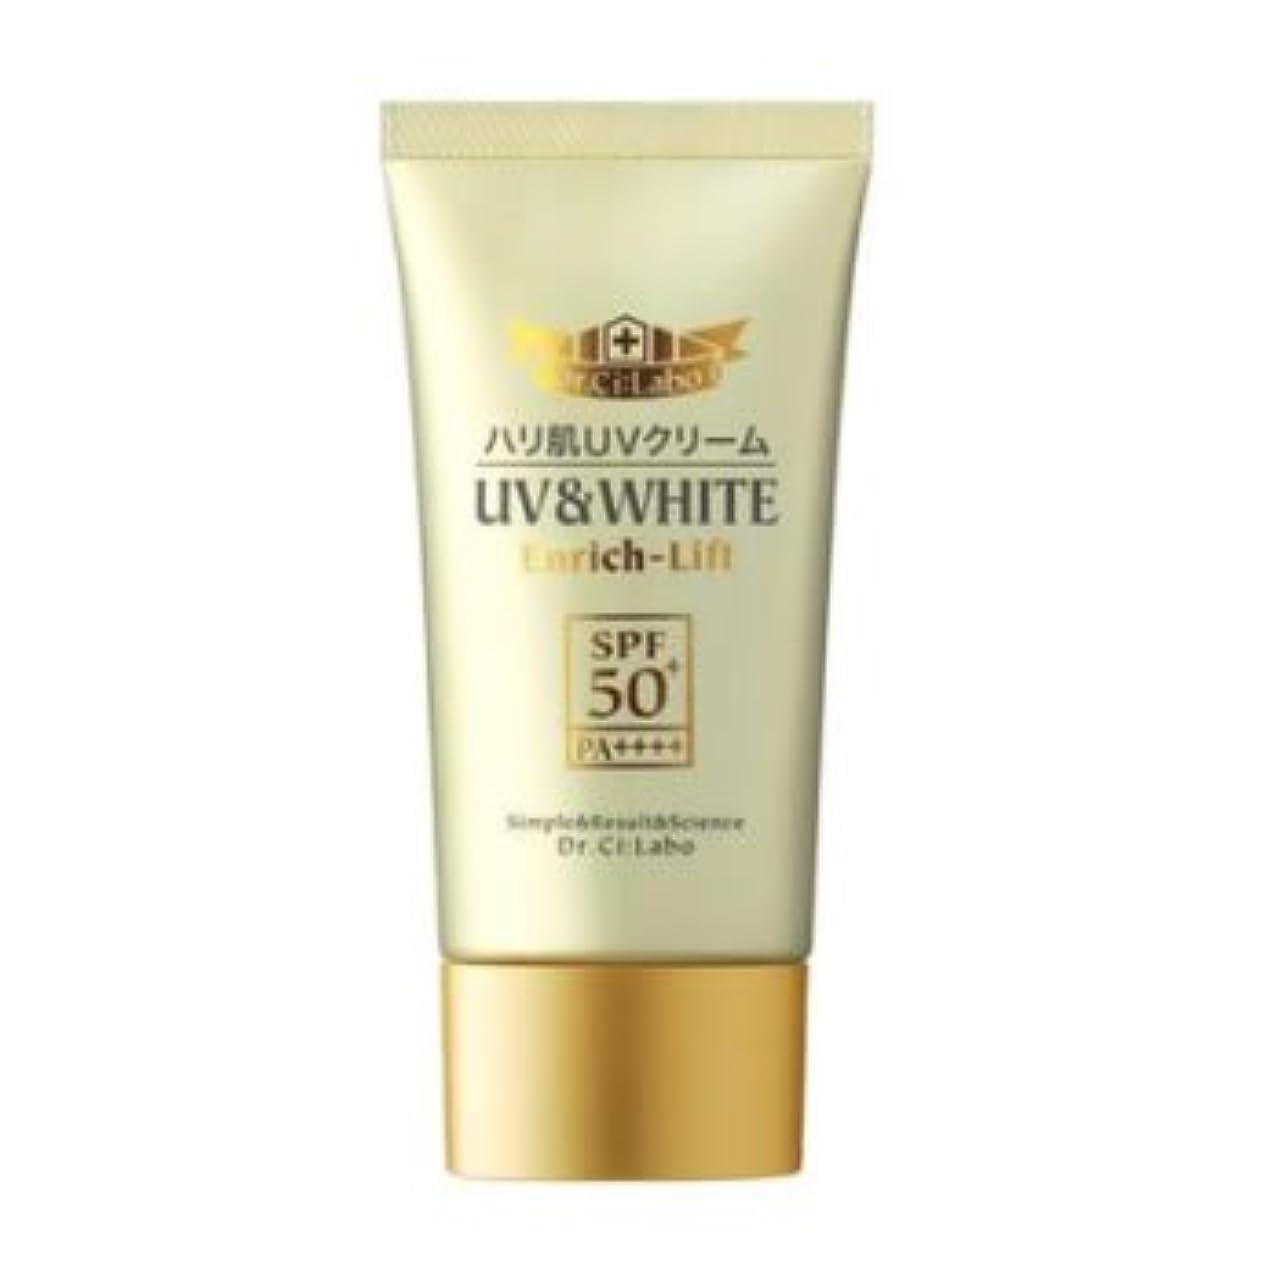 ドクターシーラボ UV&WHITEエンリッチリフト50+ 40g SPF50+?PA++++ 日焼け止めクリーム [並行輸入品]